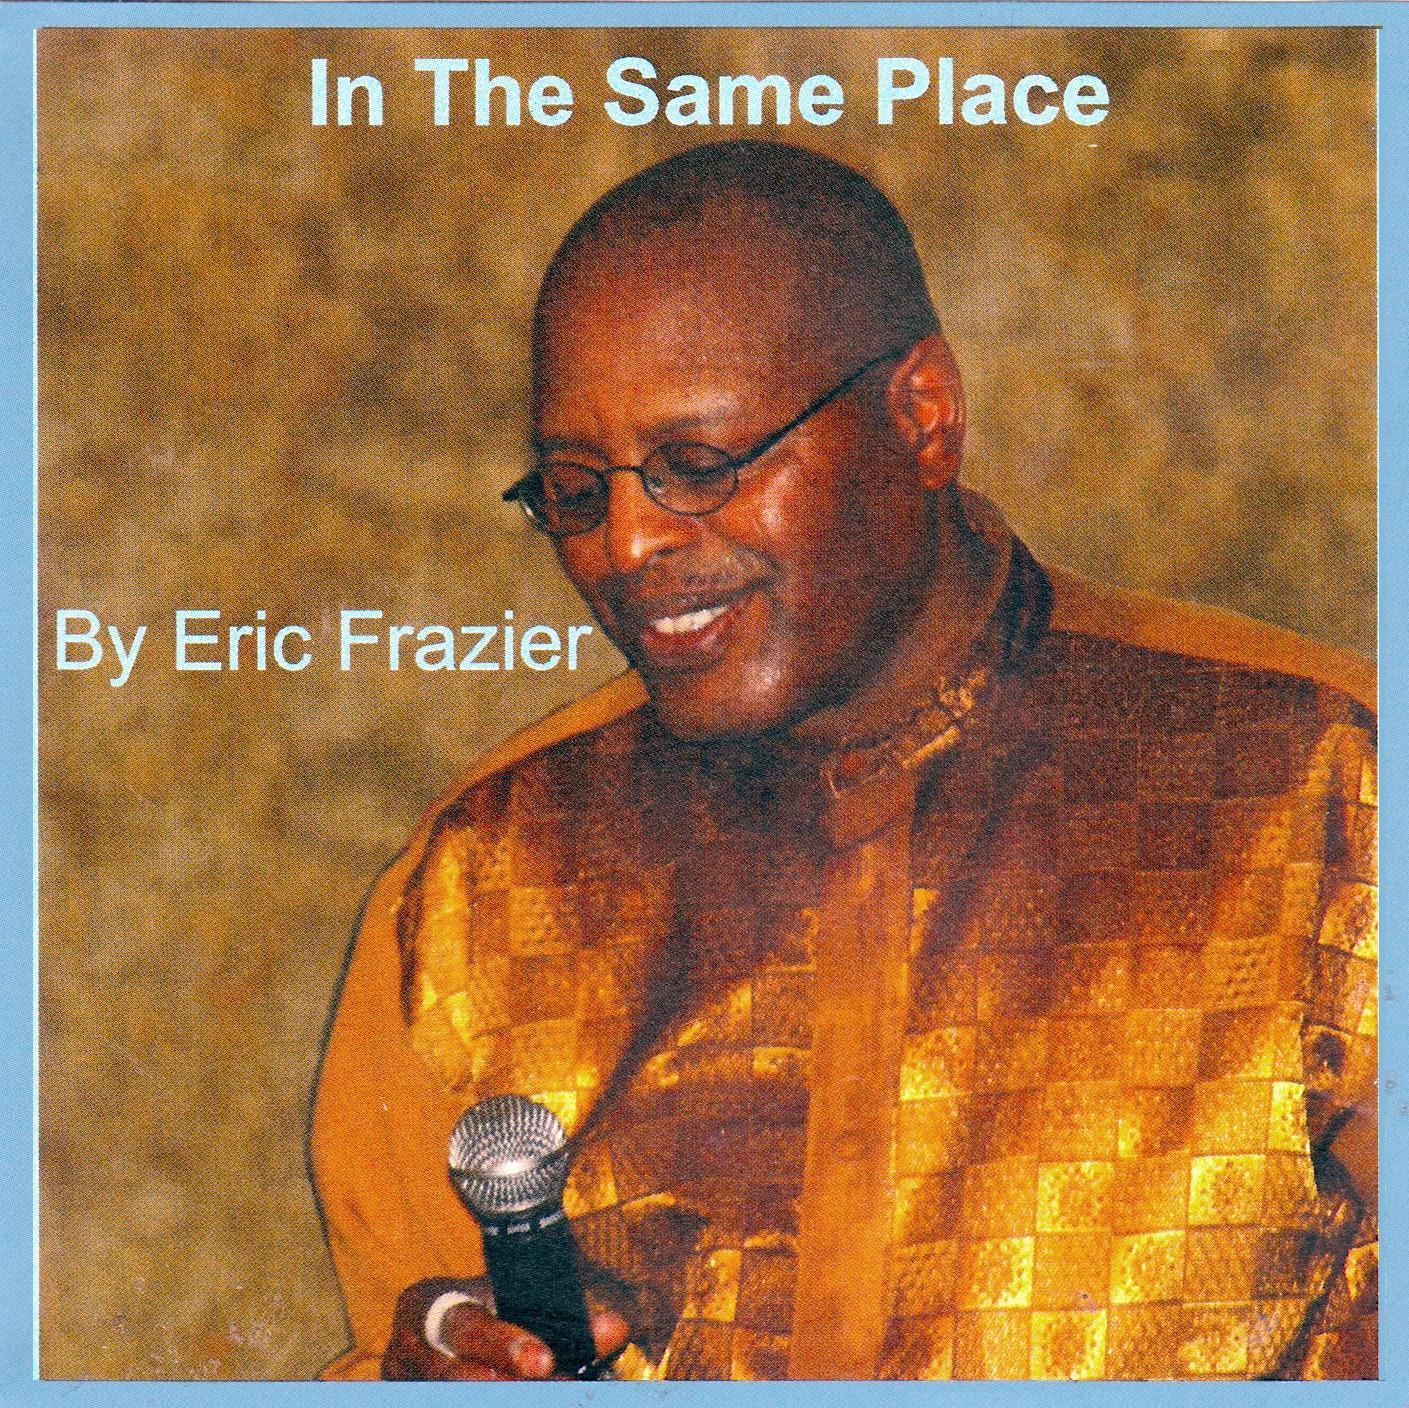 In This placeAlbum cover copy